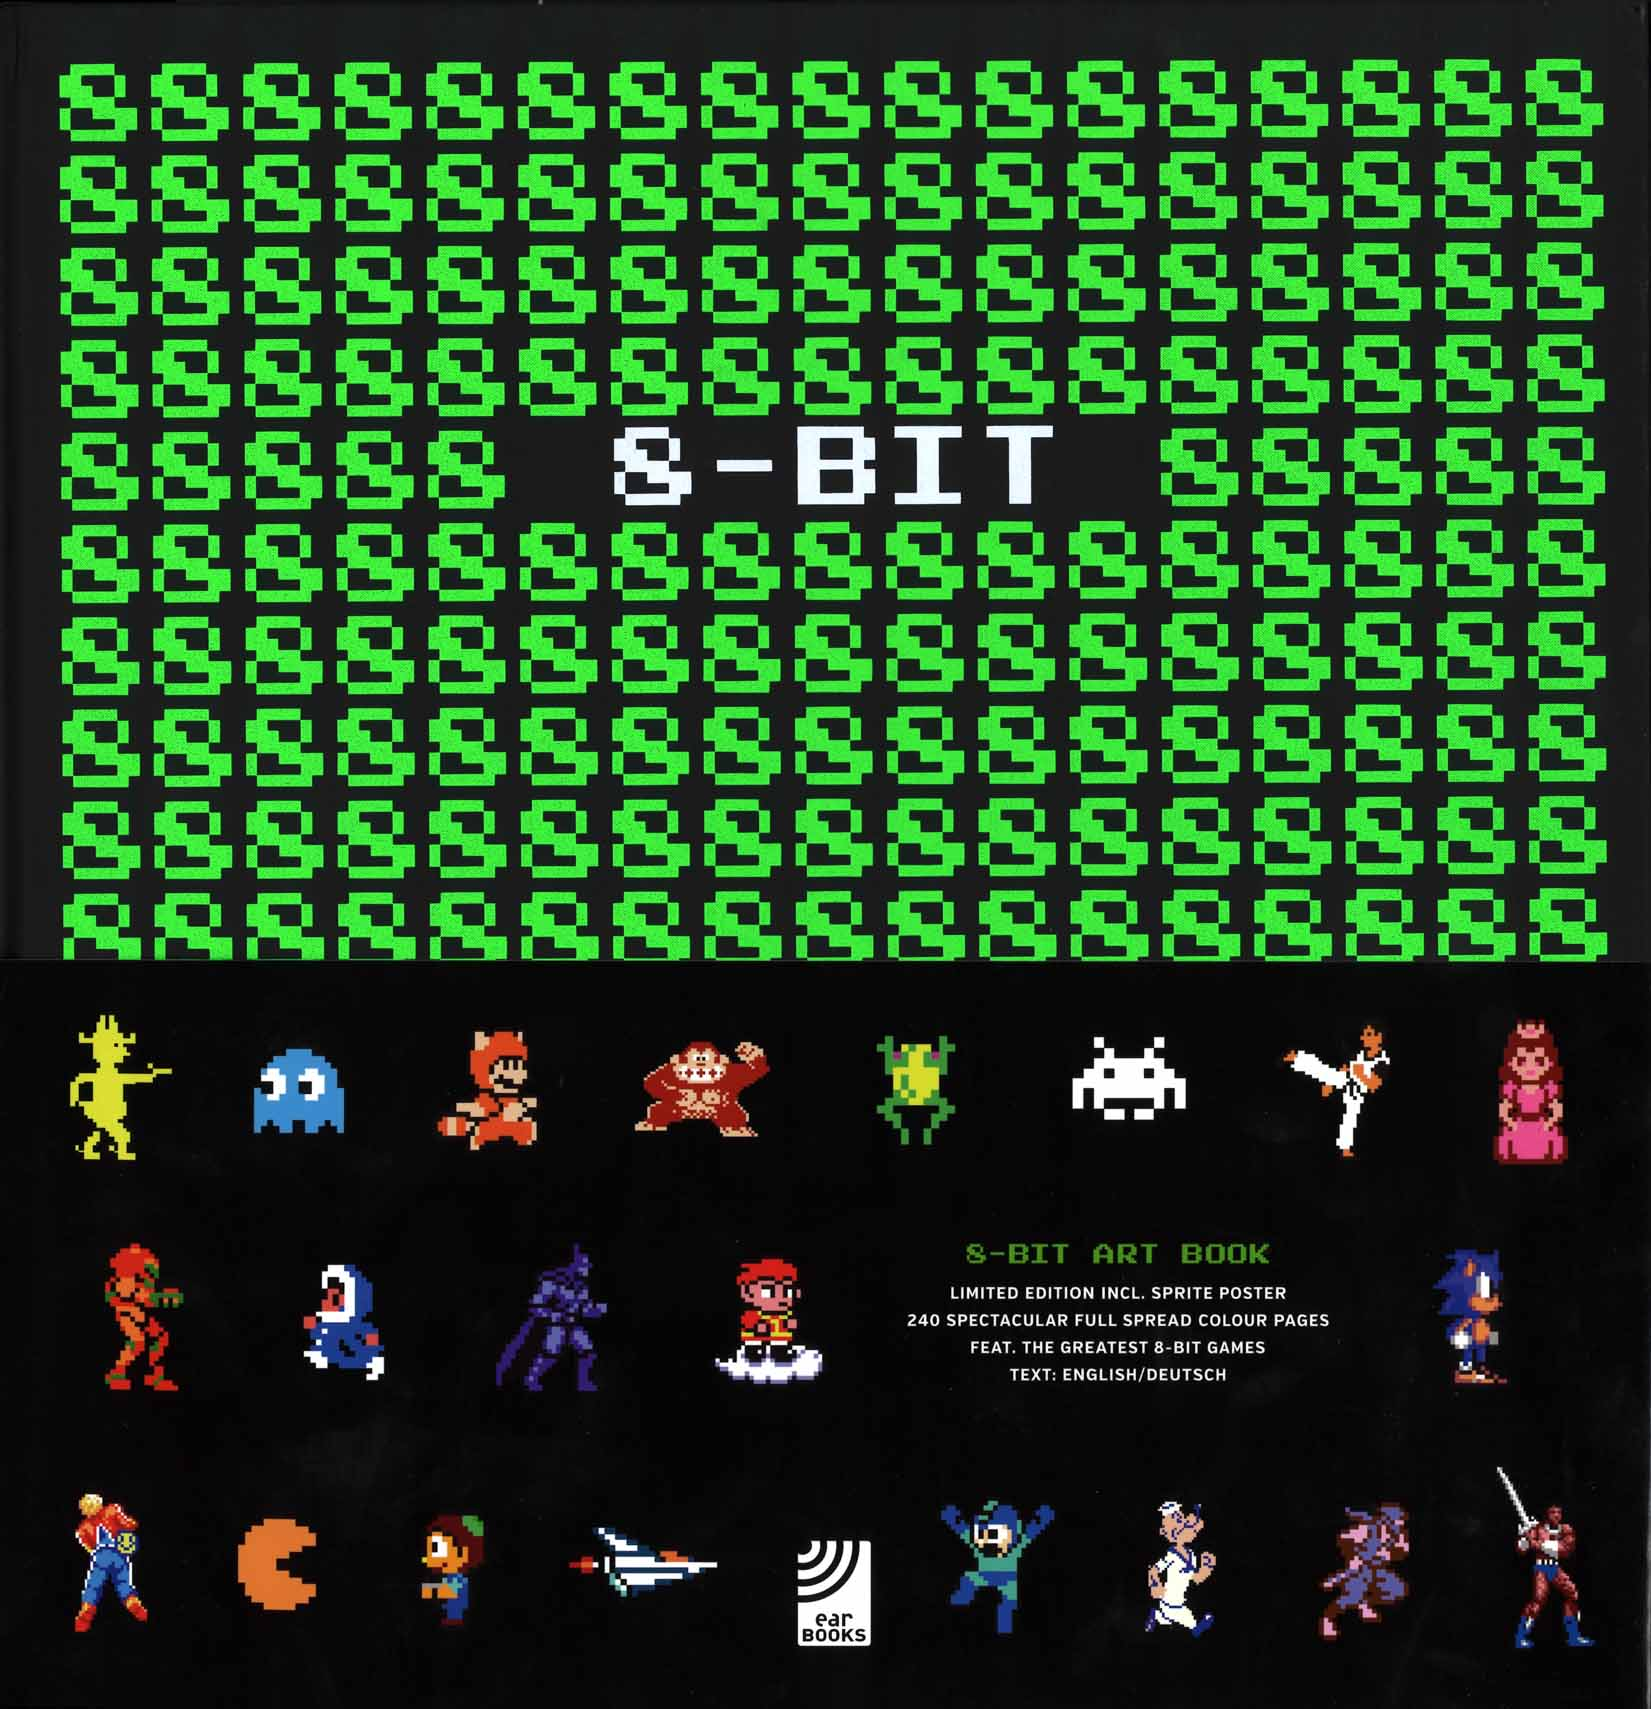 Das 8-Bit Art Book